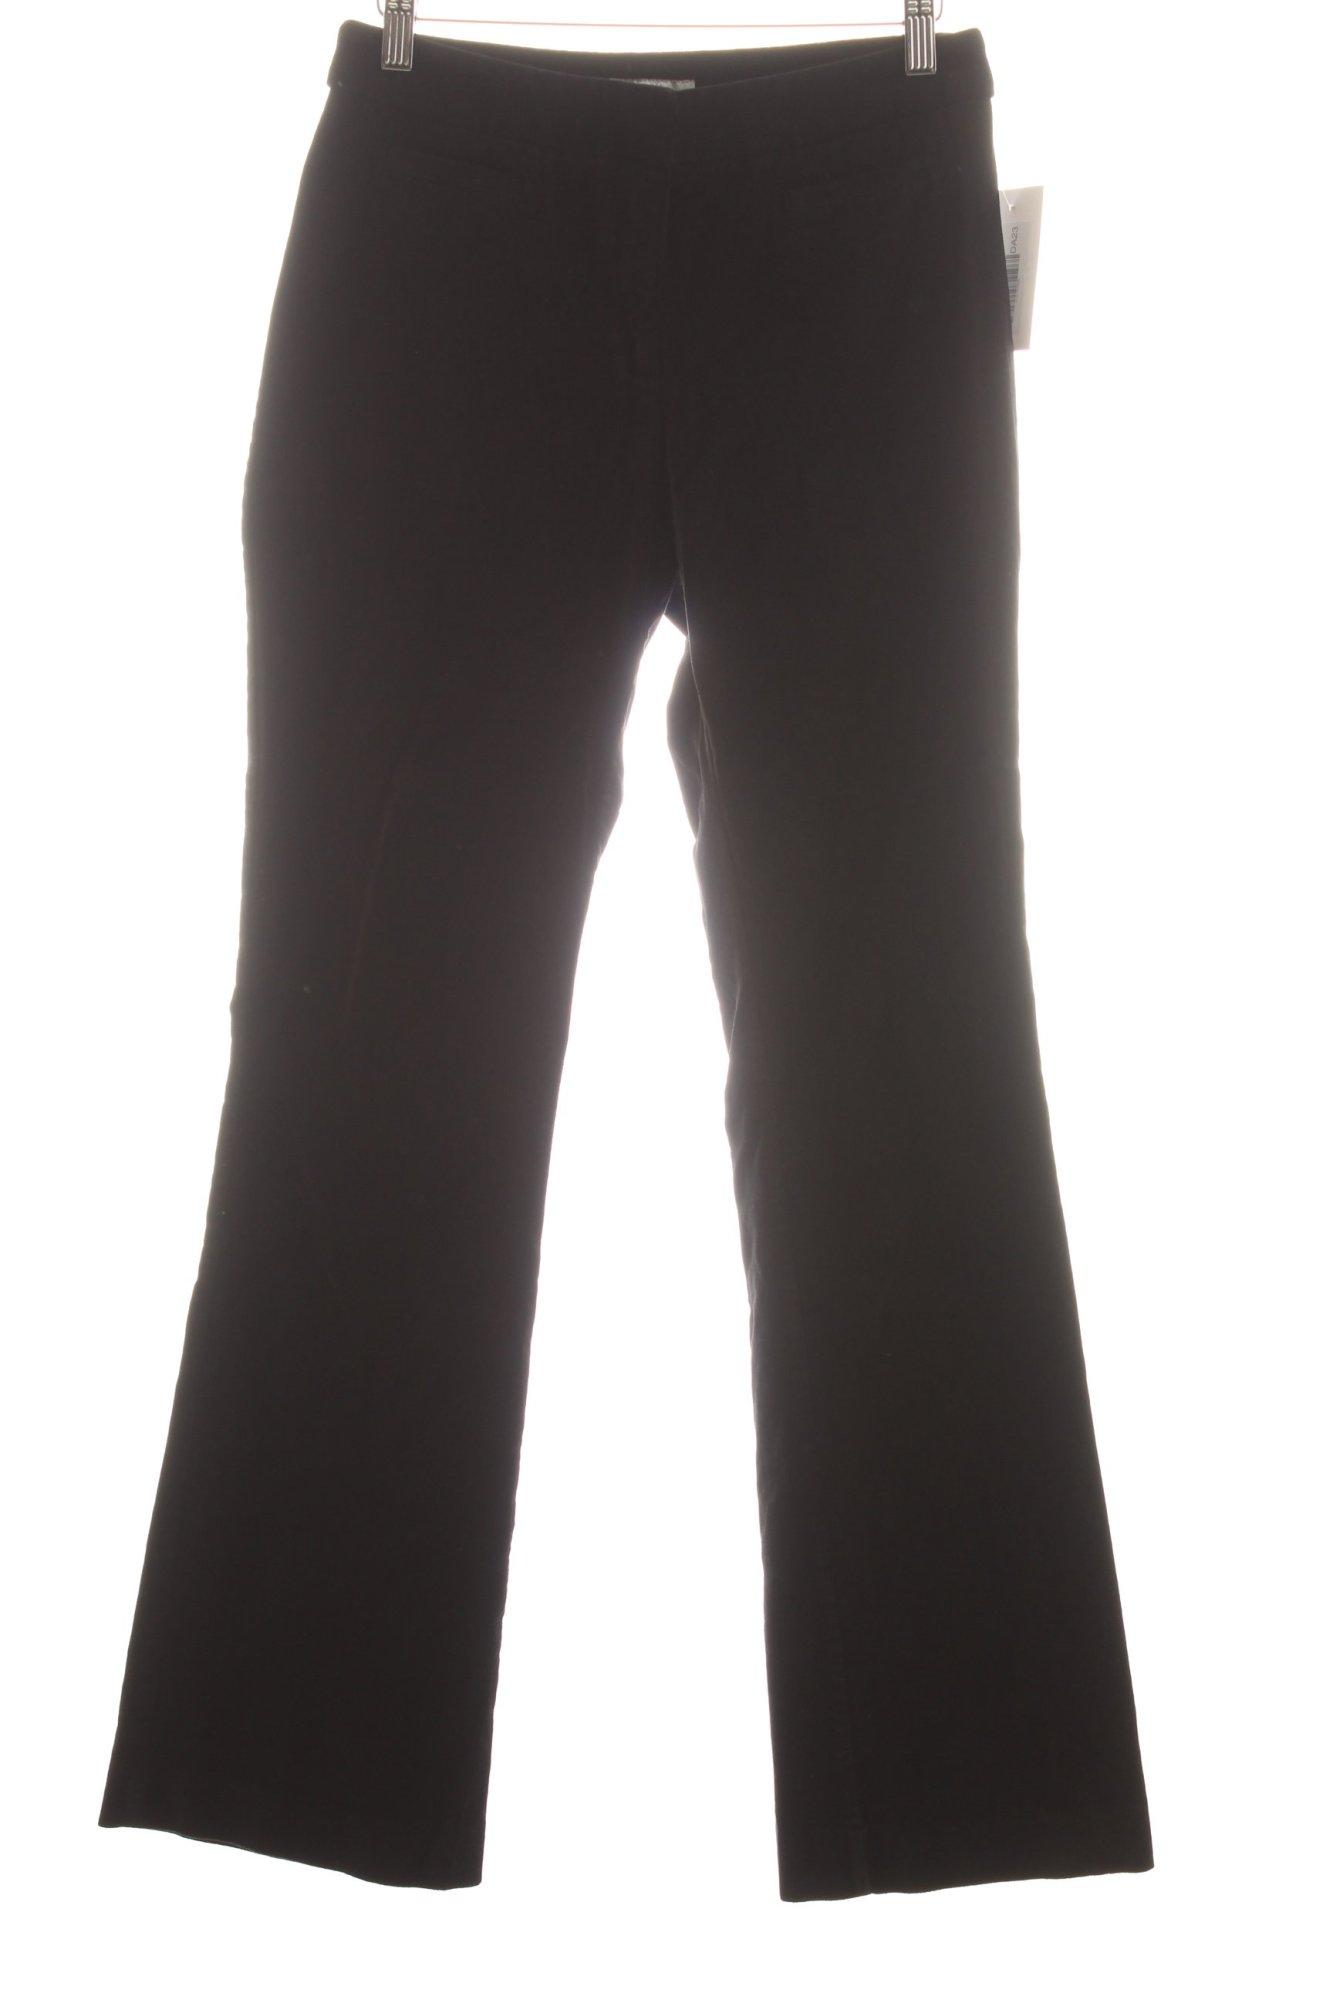 h m marlenehose schwarz eleganz look damen gr de 38 hose. Black Bedroom Furniture Sets. Home Design Ideas